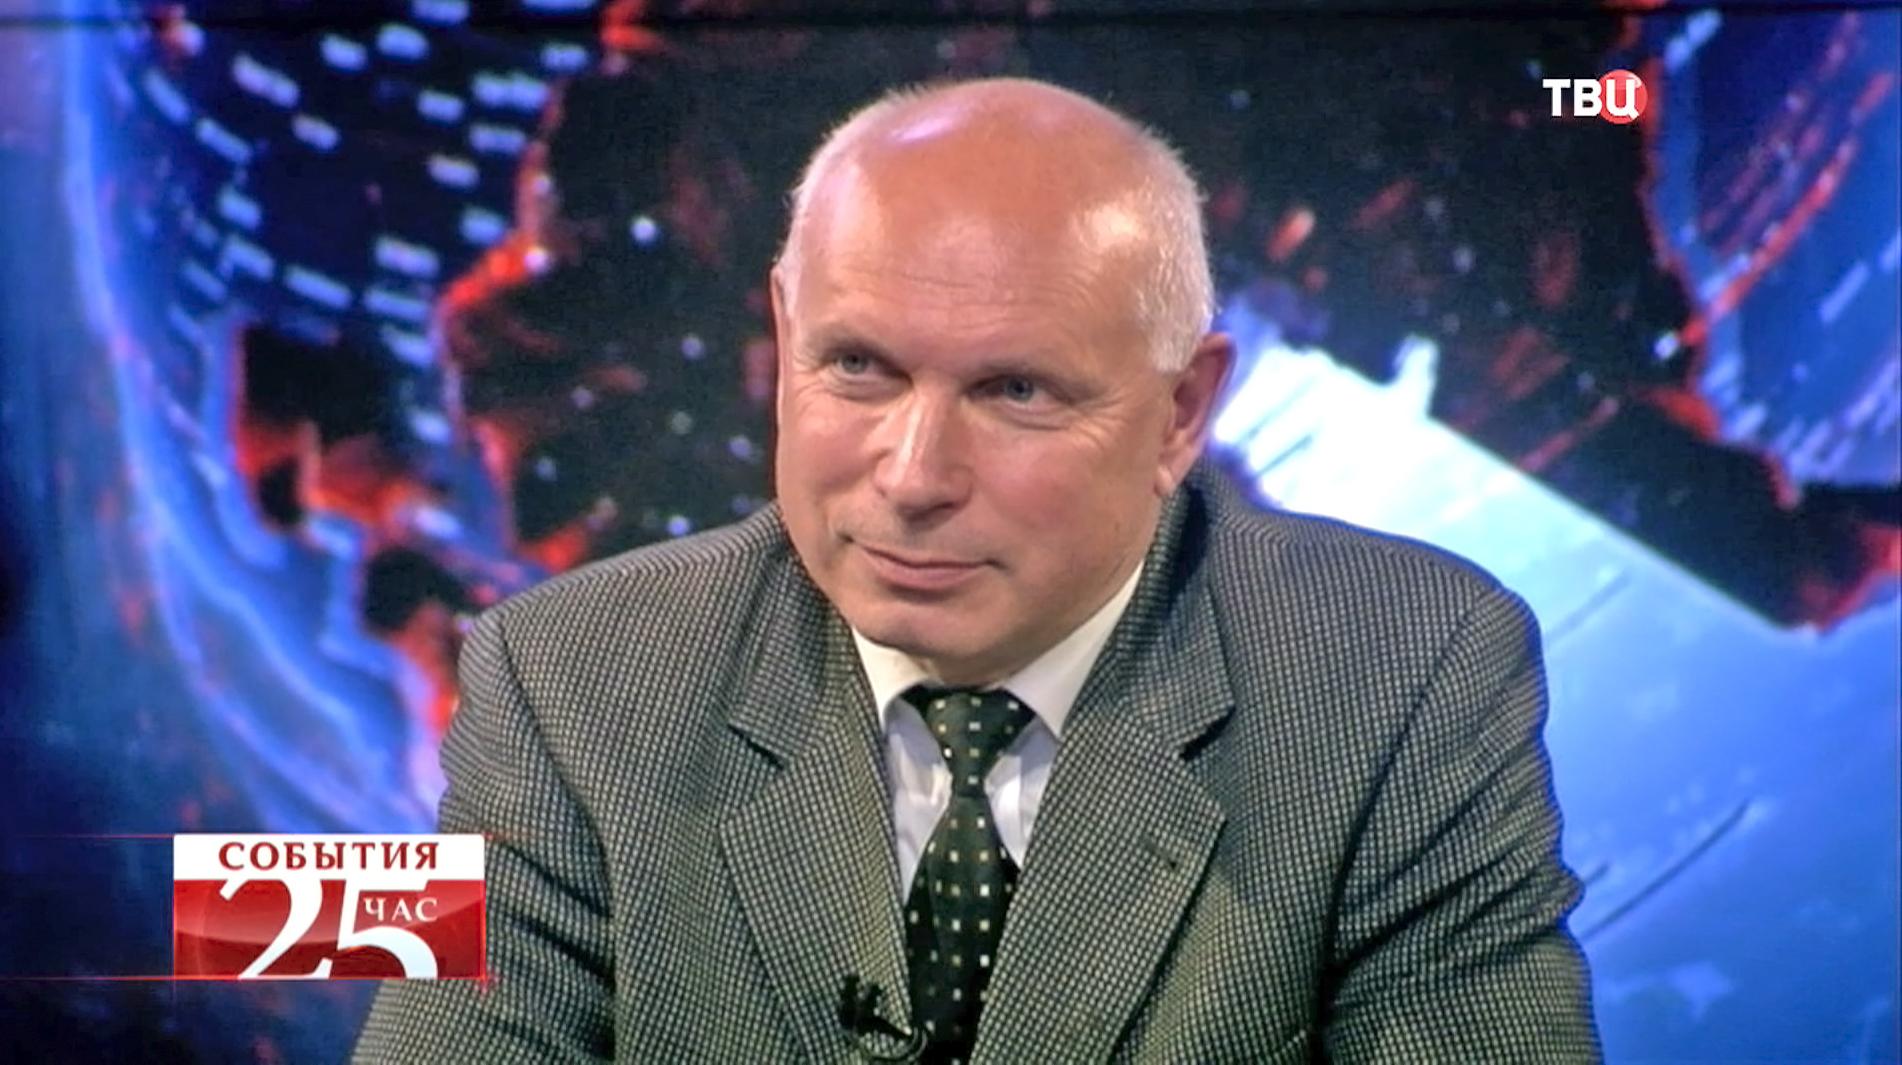 Евгений Кожокин, политолог, доктор исторических наук